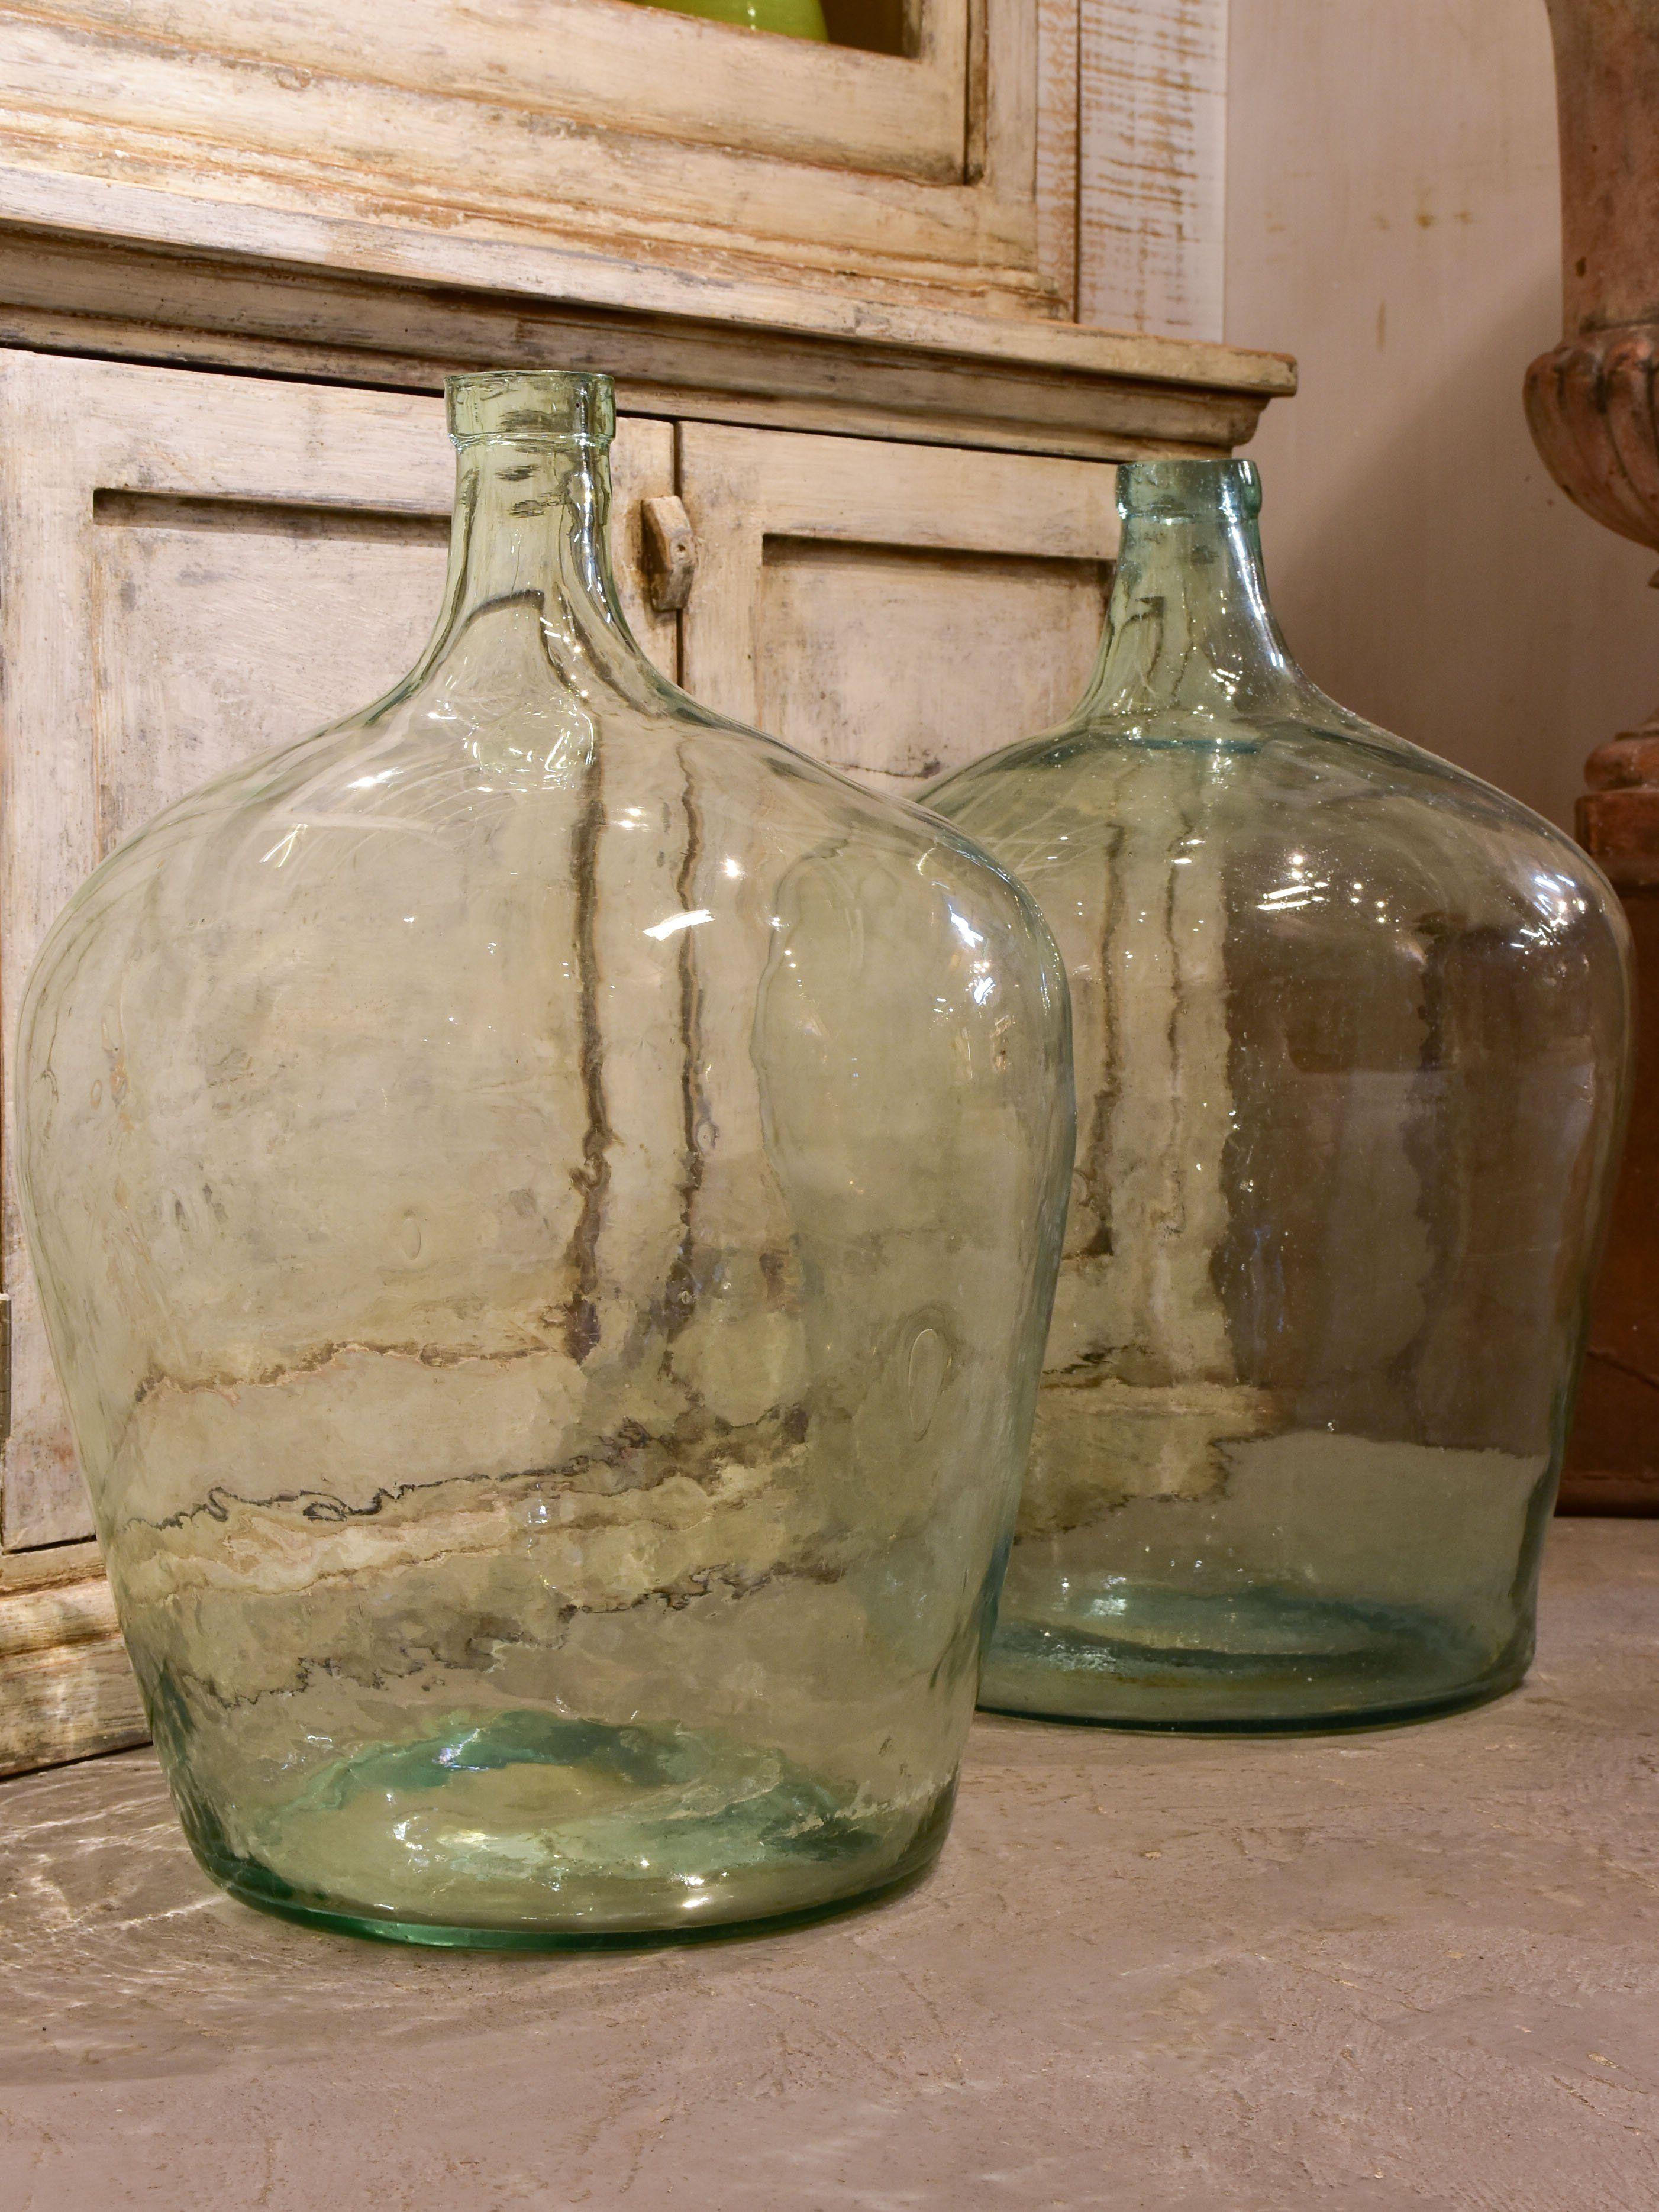 Pair Of Antique Demijohn Bottles